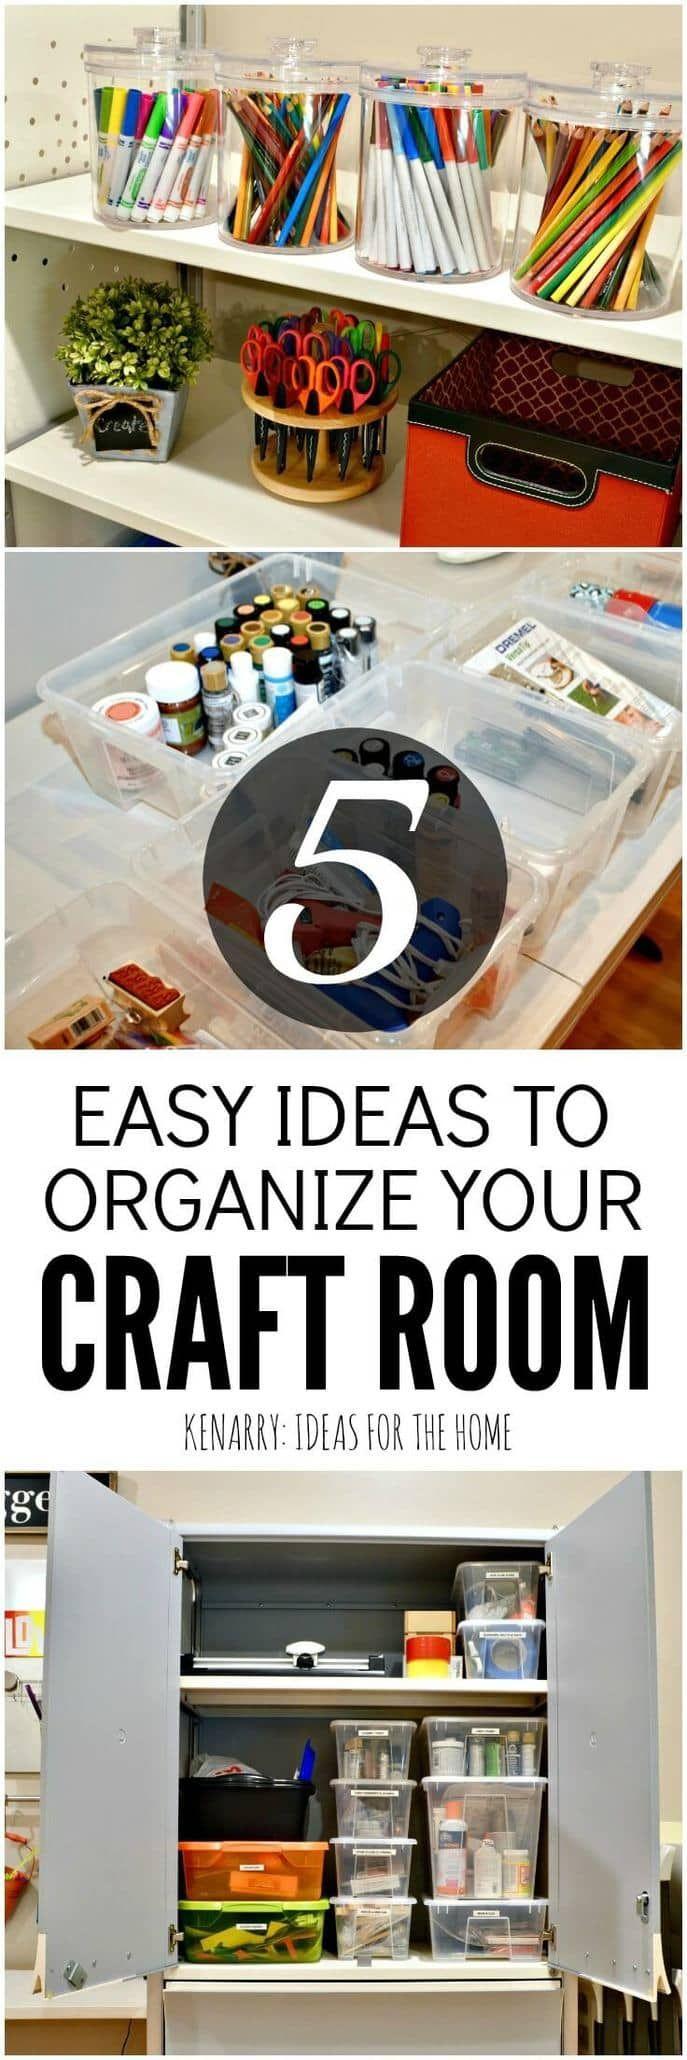 Is uw ambachtelijke kamer buiten controle? Deze eenvoudige en creatieve ideeën voor ambachtelijke kamerorganisatie helpen u deze week de chaos aan te pakken!